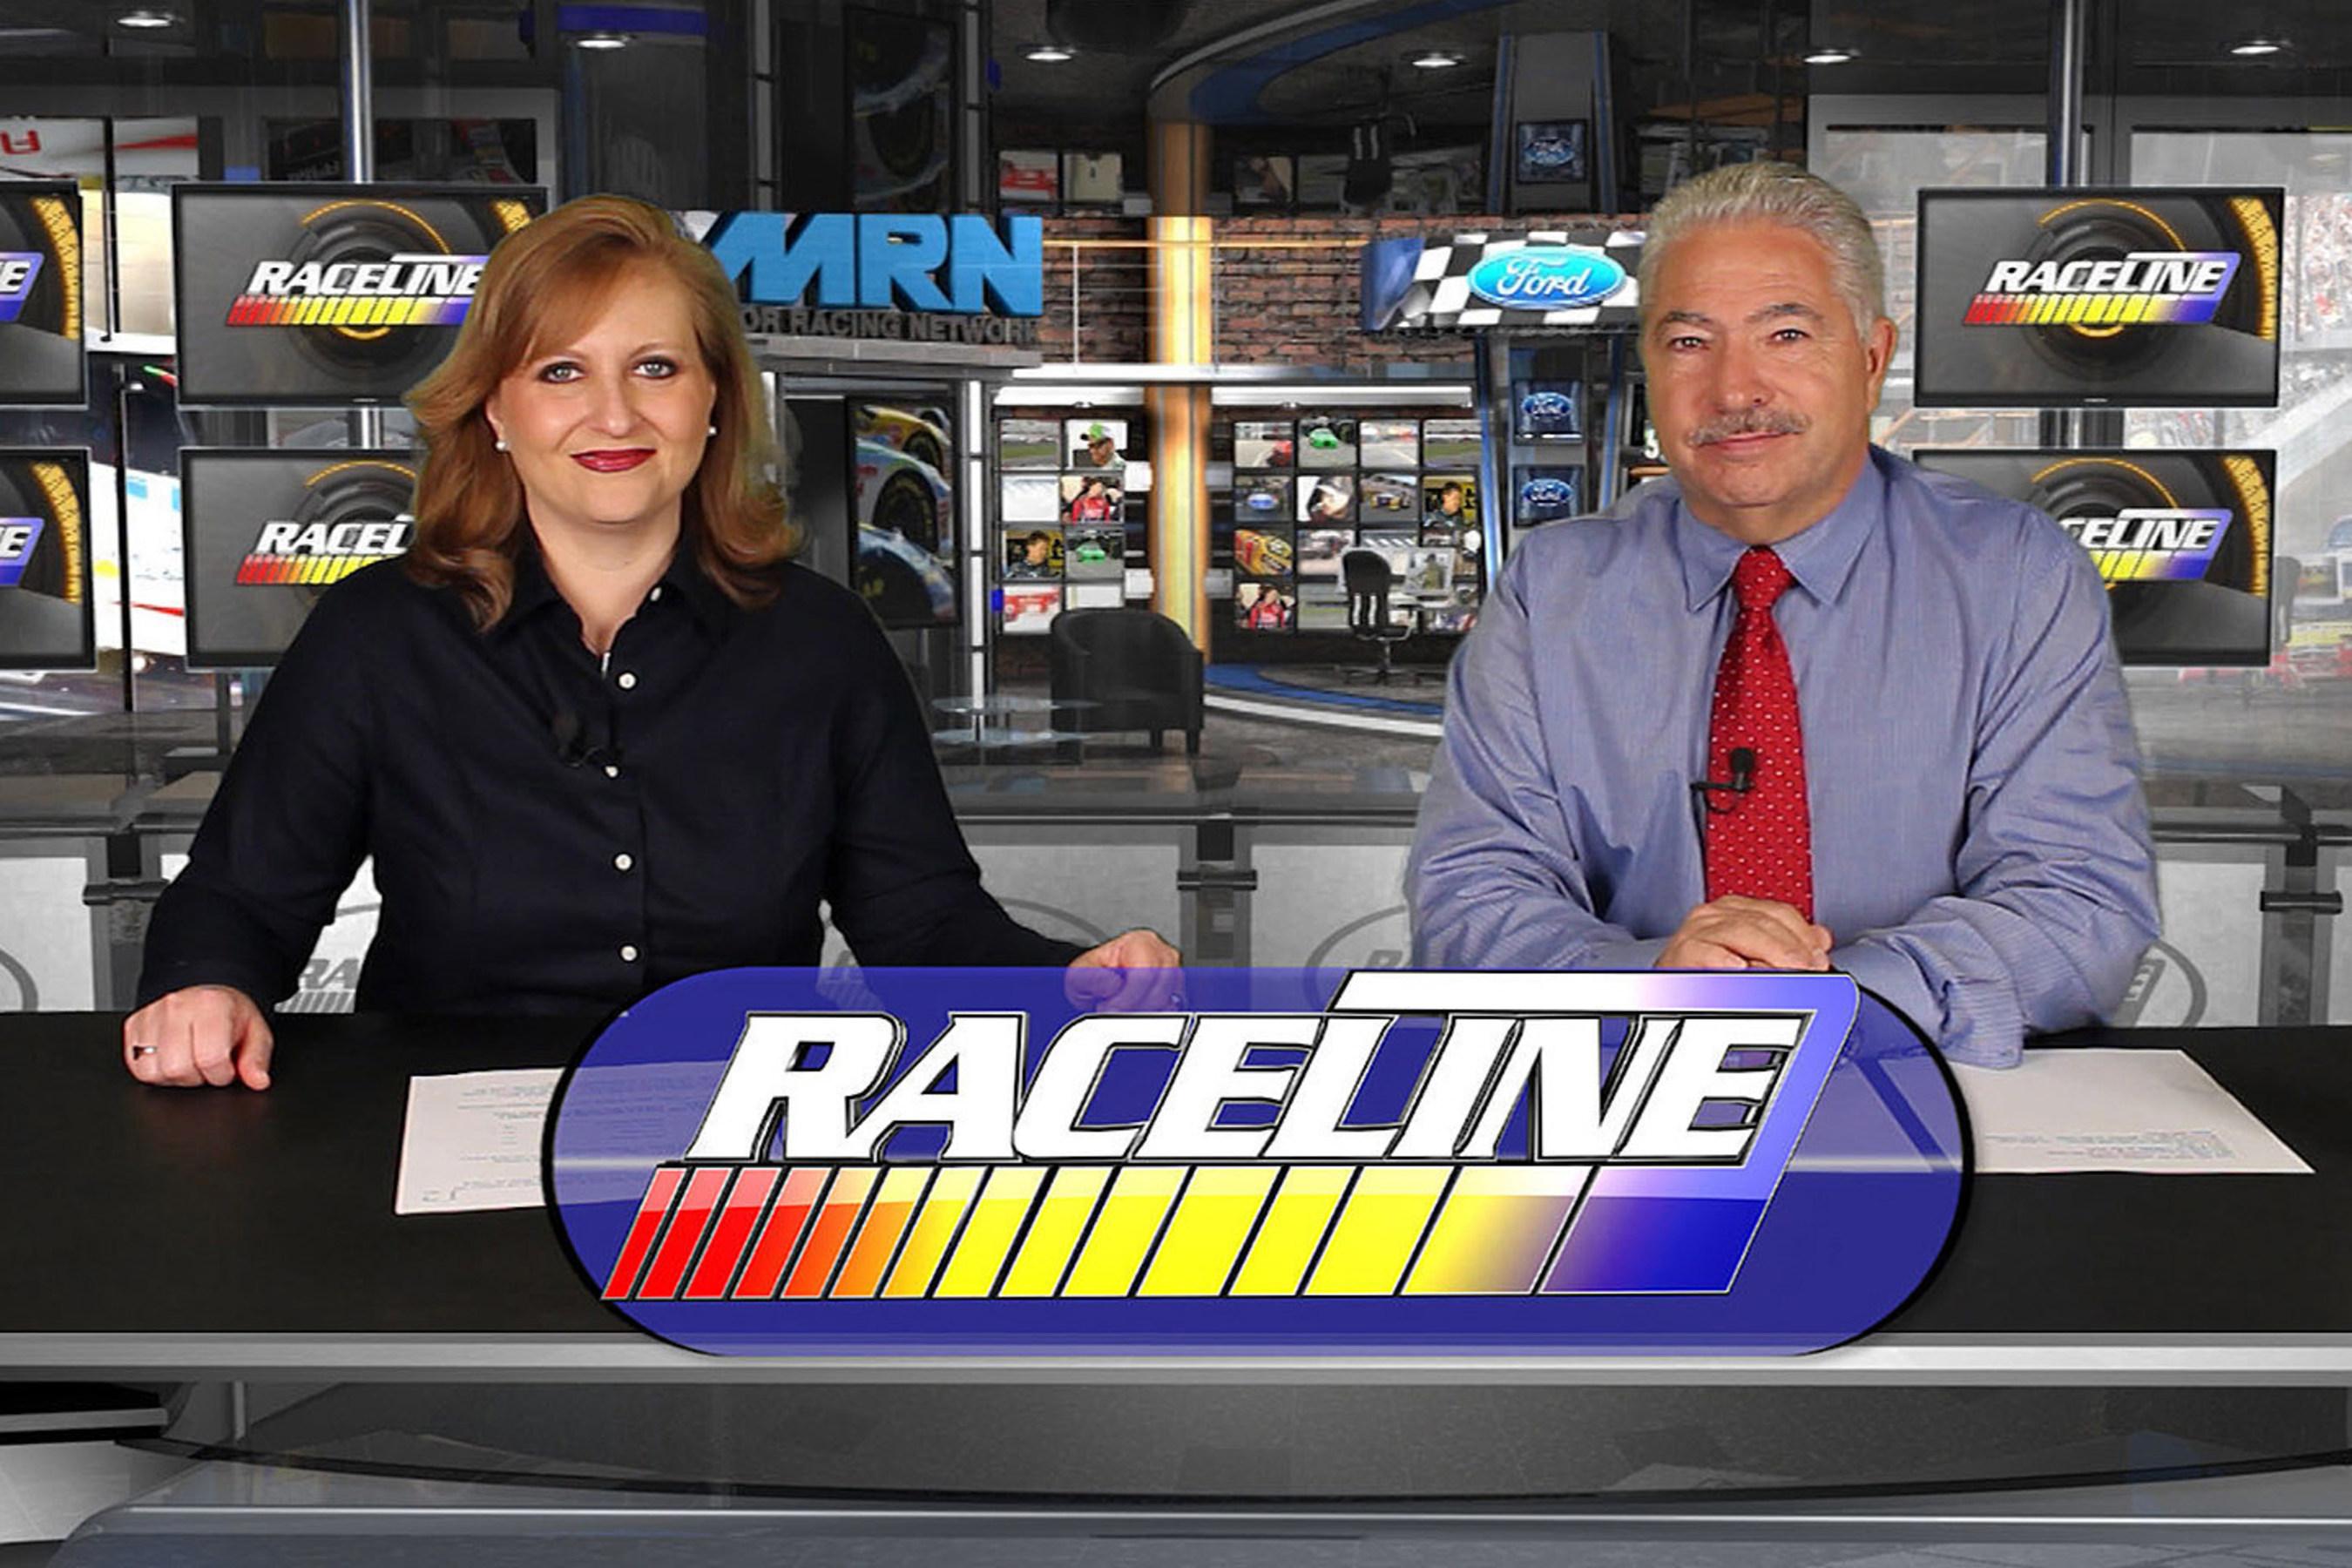 Motorsport.com to Host Popular Weekly NASCAR Television Show 'RACELINE'